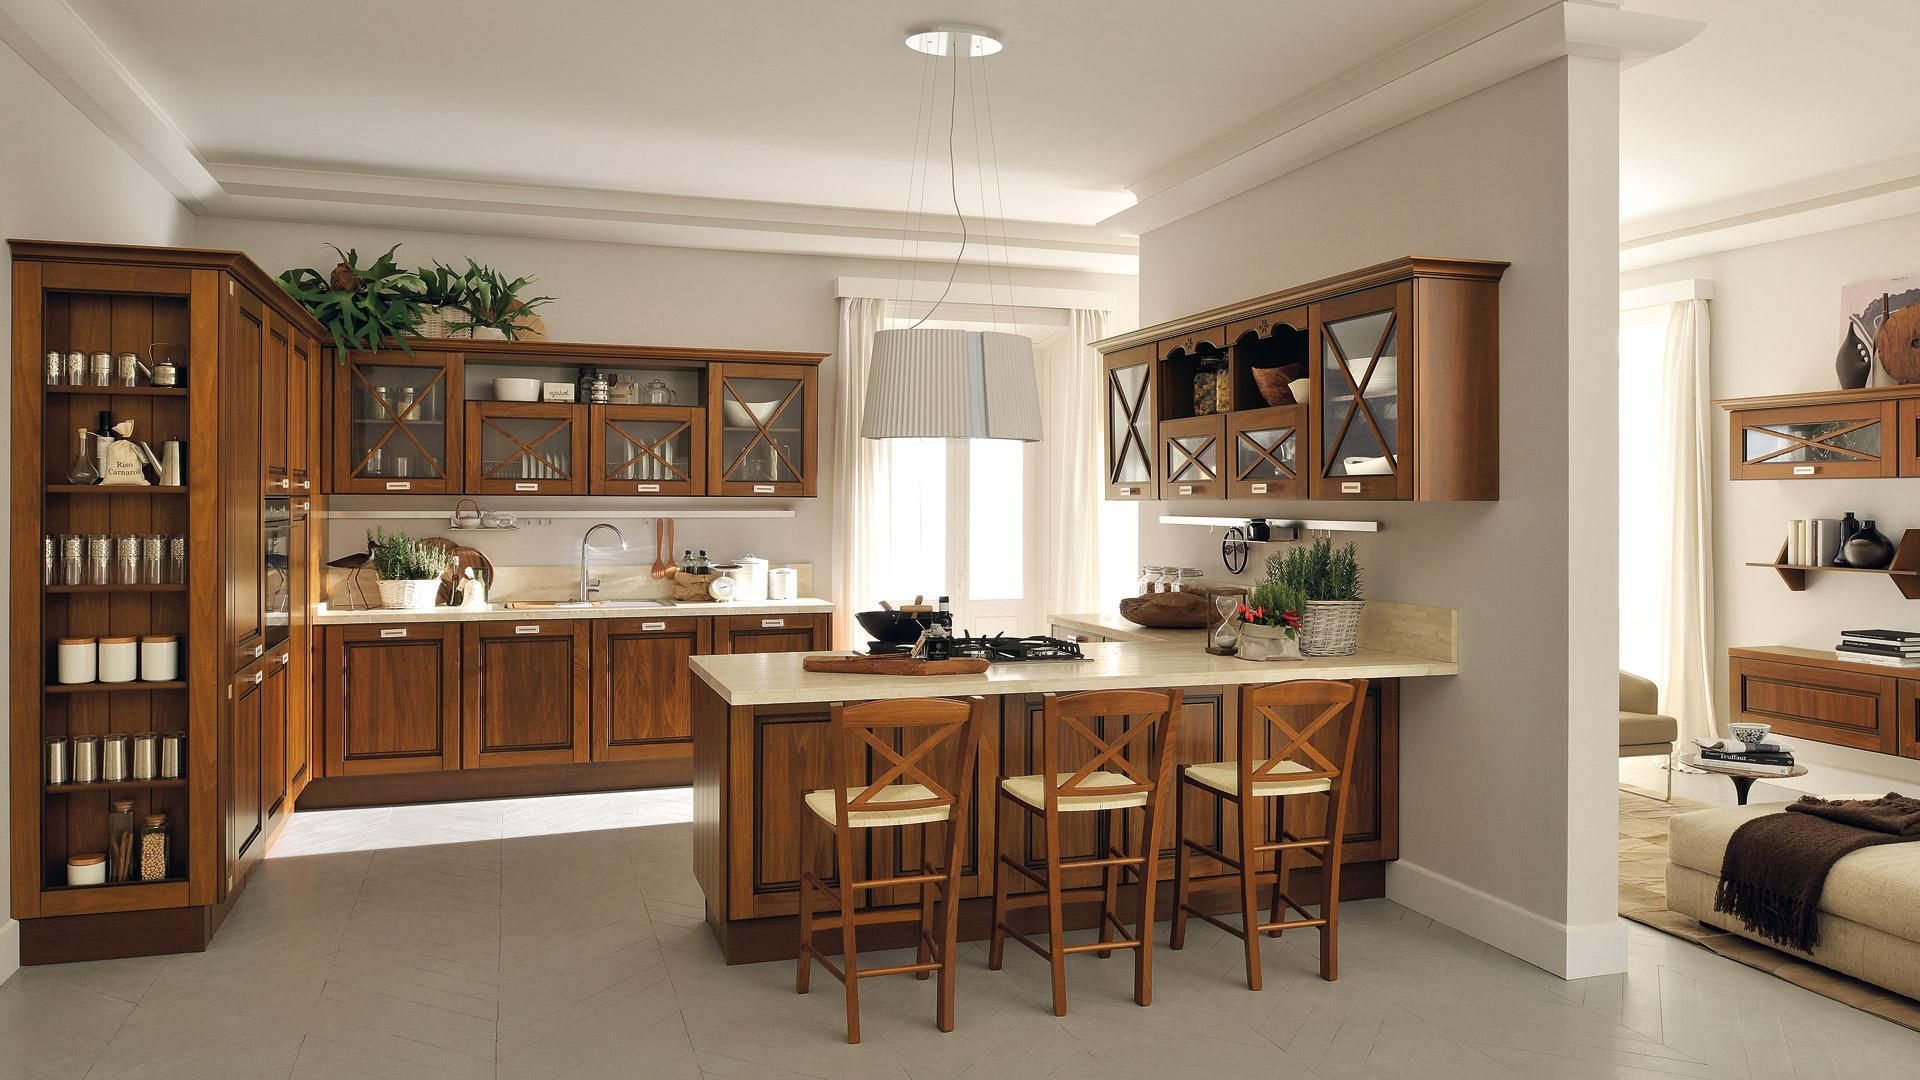 Pulizia Mobili Cucina Legno : Come pulire e mantenere la cucina in legno cucine lube